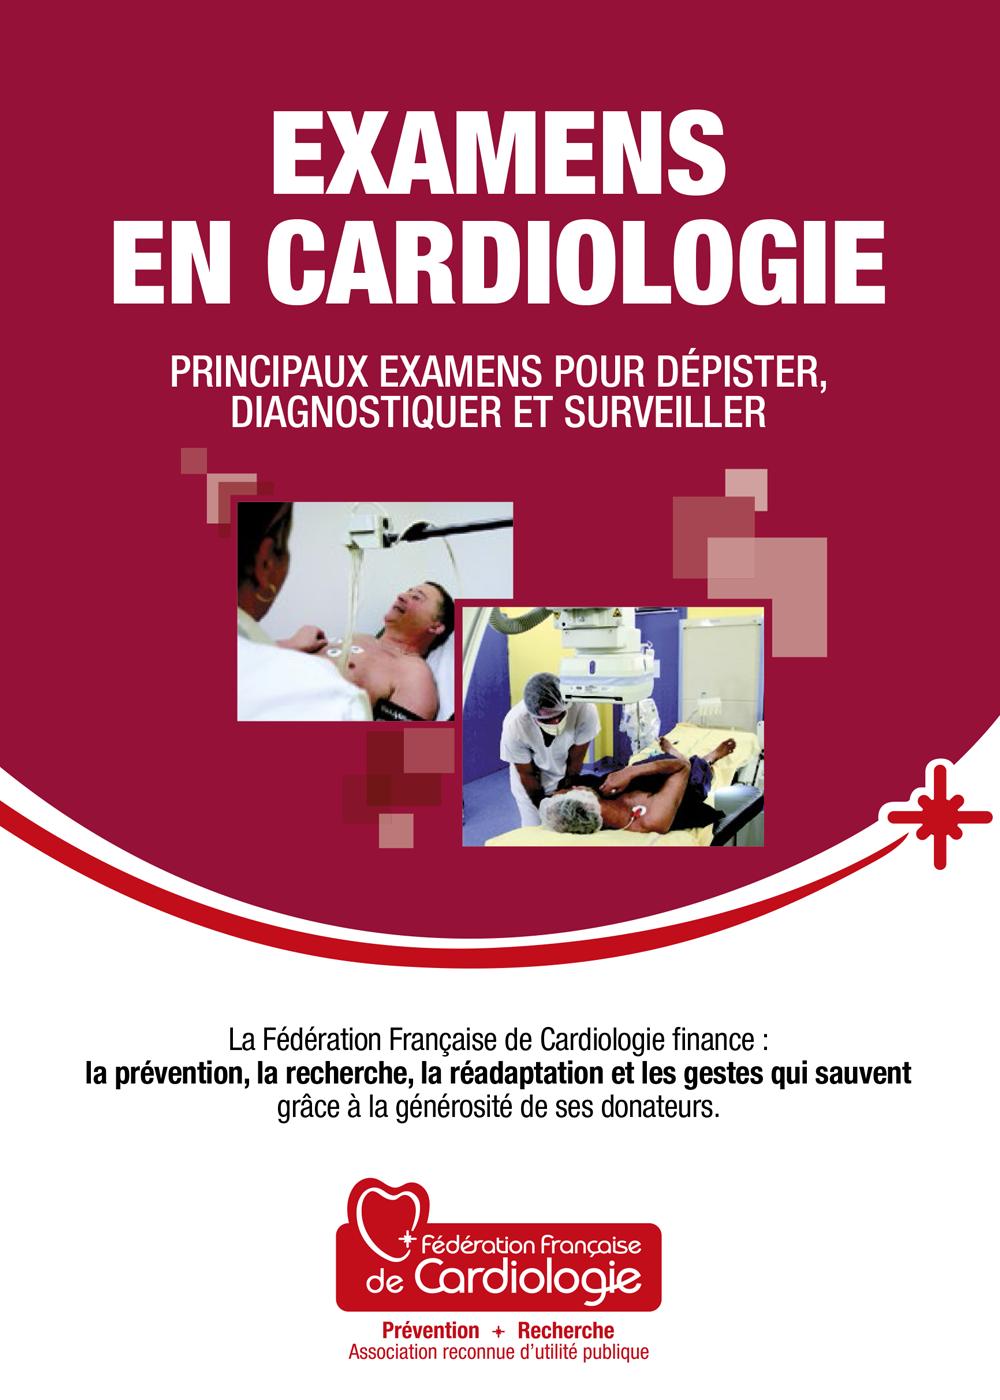 Les examens en cardiologie